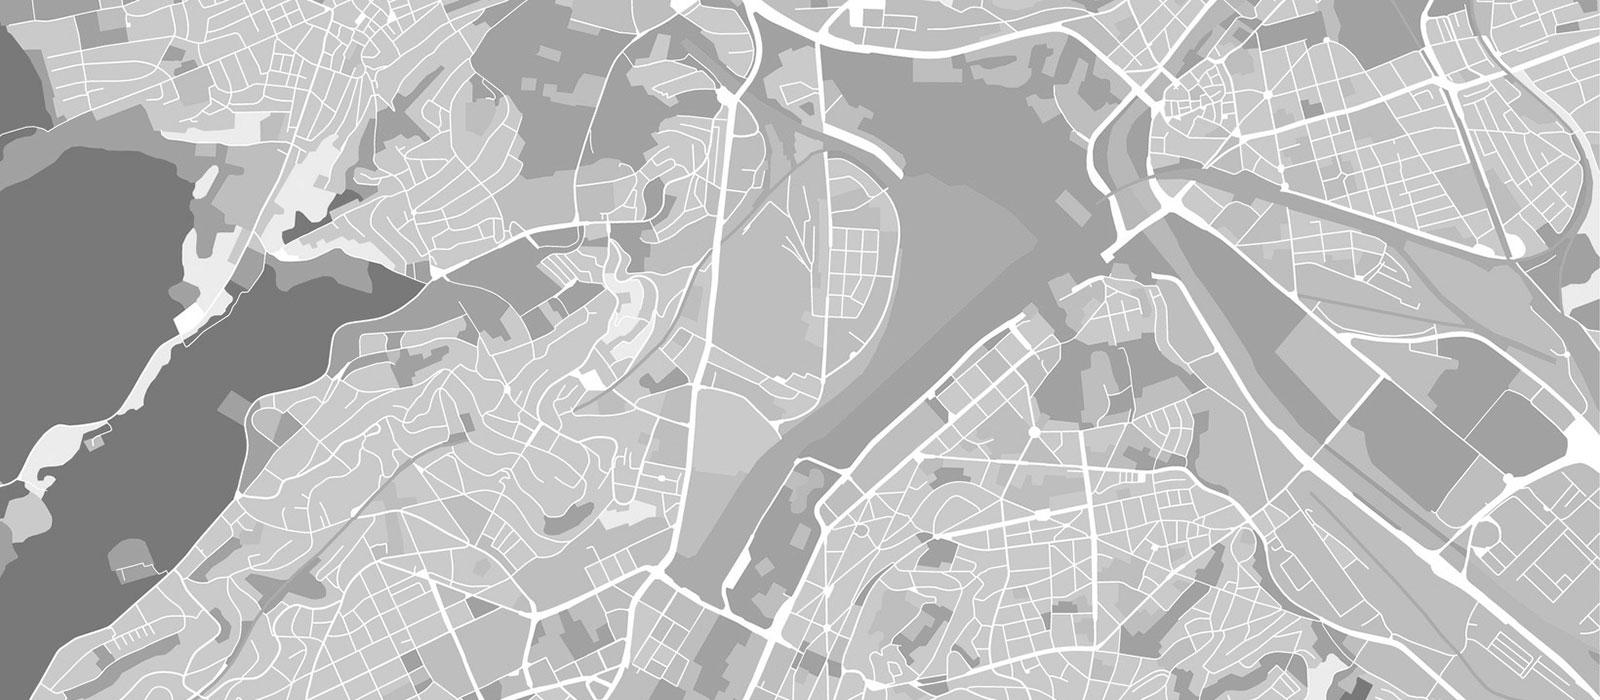 Klicken Sie auf diese Karte, um einen lokalen Elektrofachhändler zu suchen